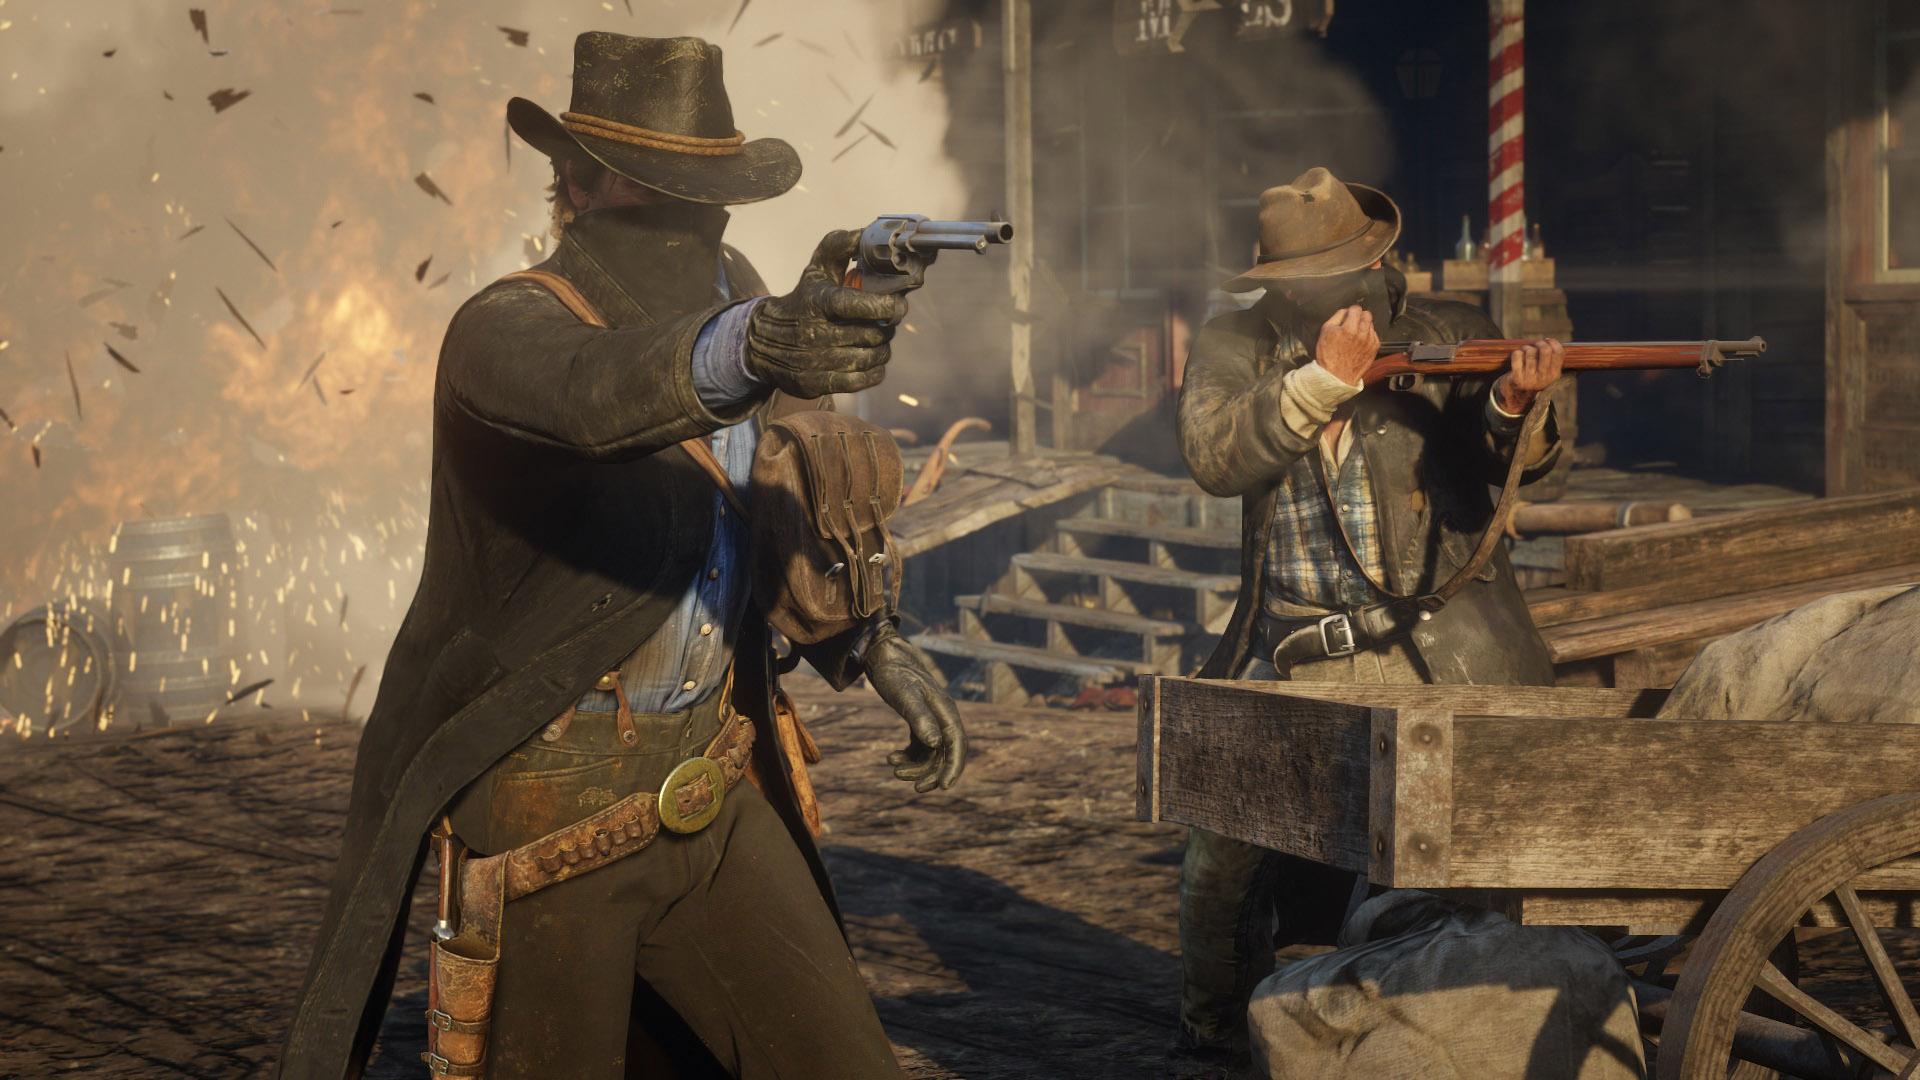 Les meilleurs jeux PC de 2019 auxquels jouer pendant les fêtes : Red Dead Redemption II